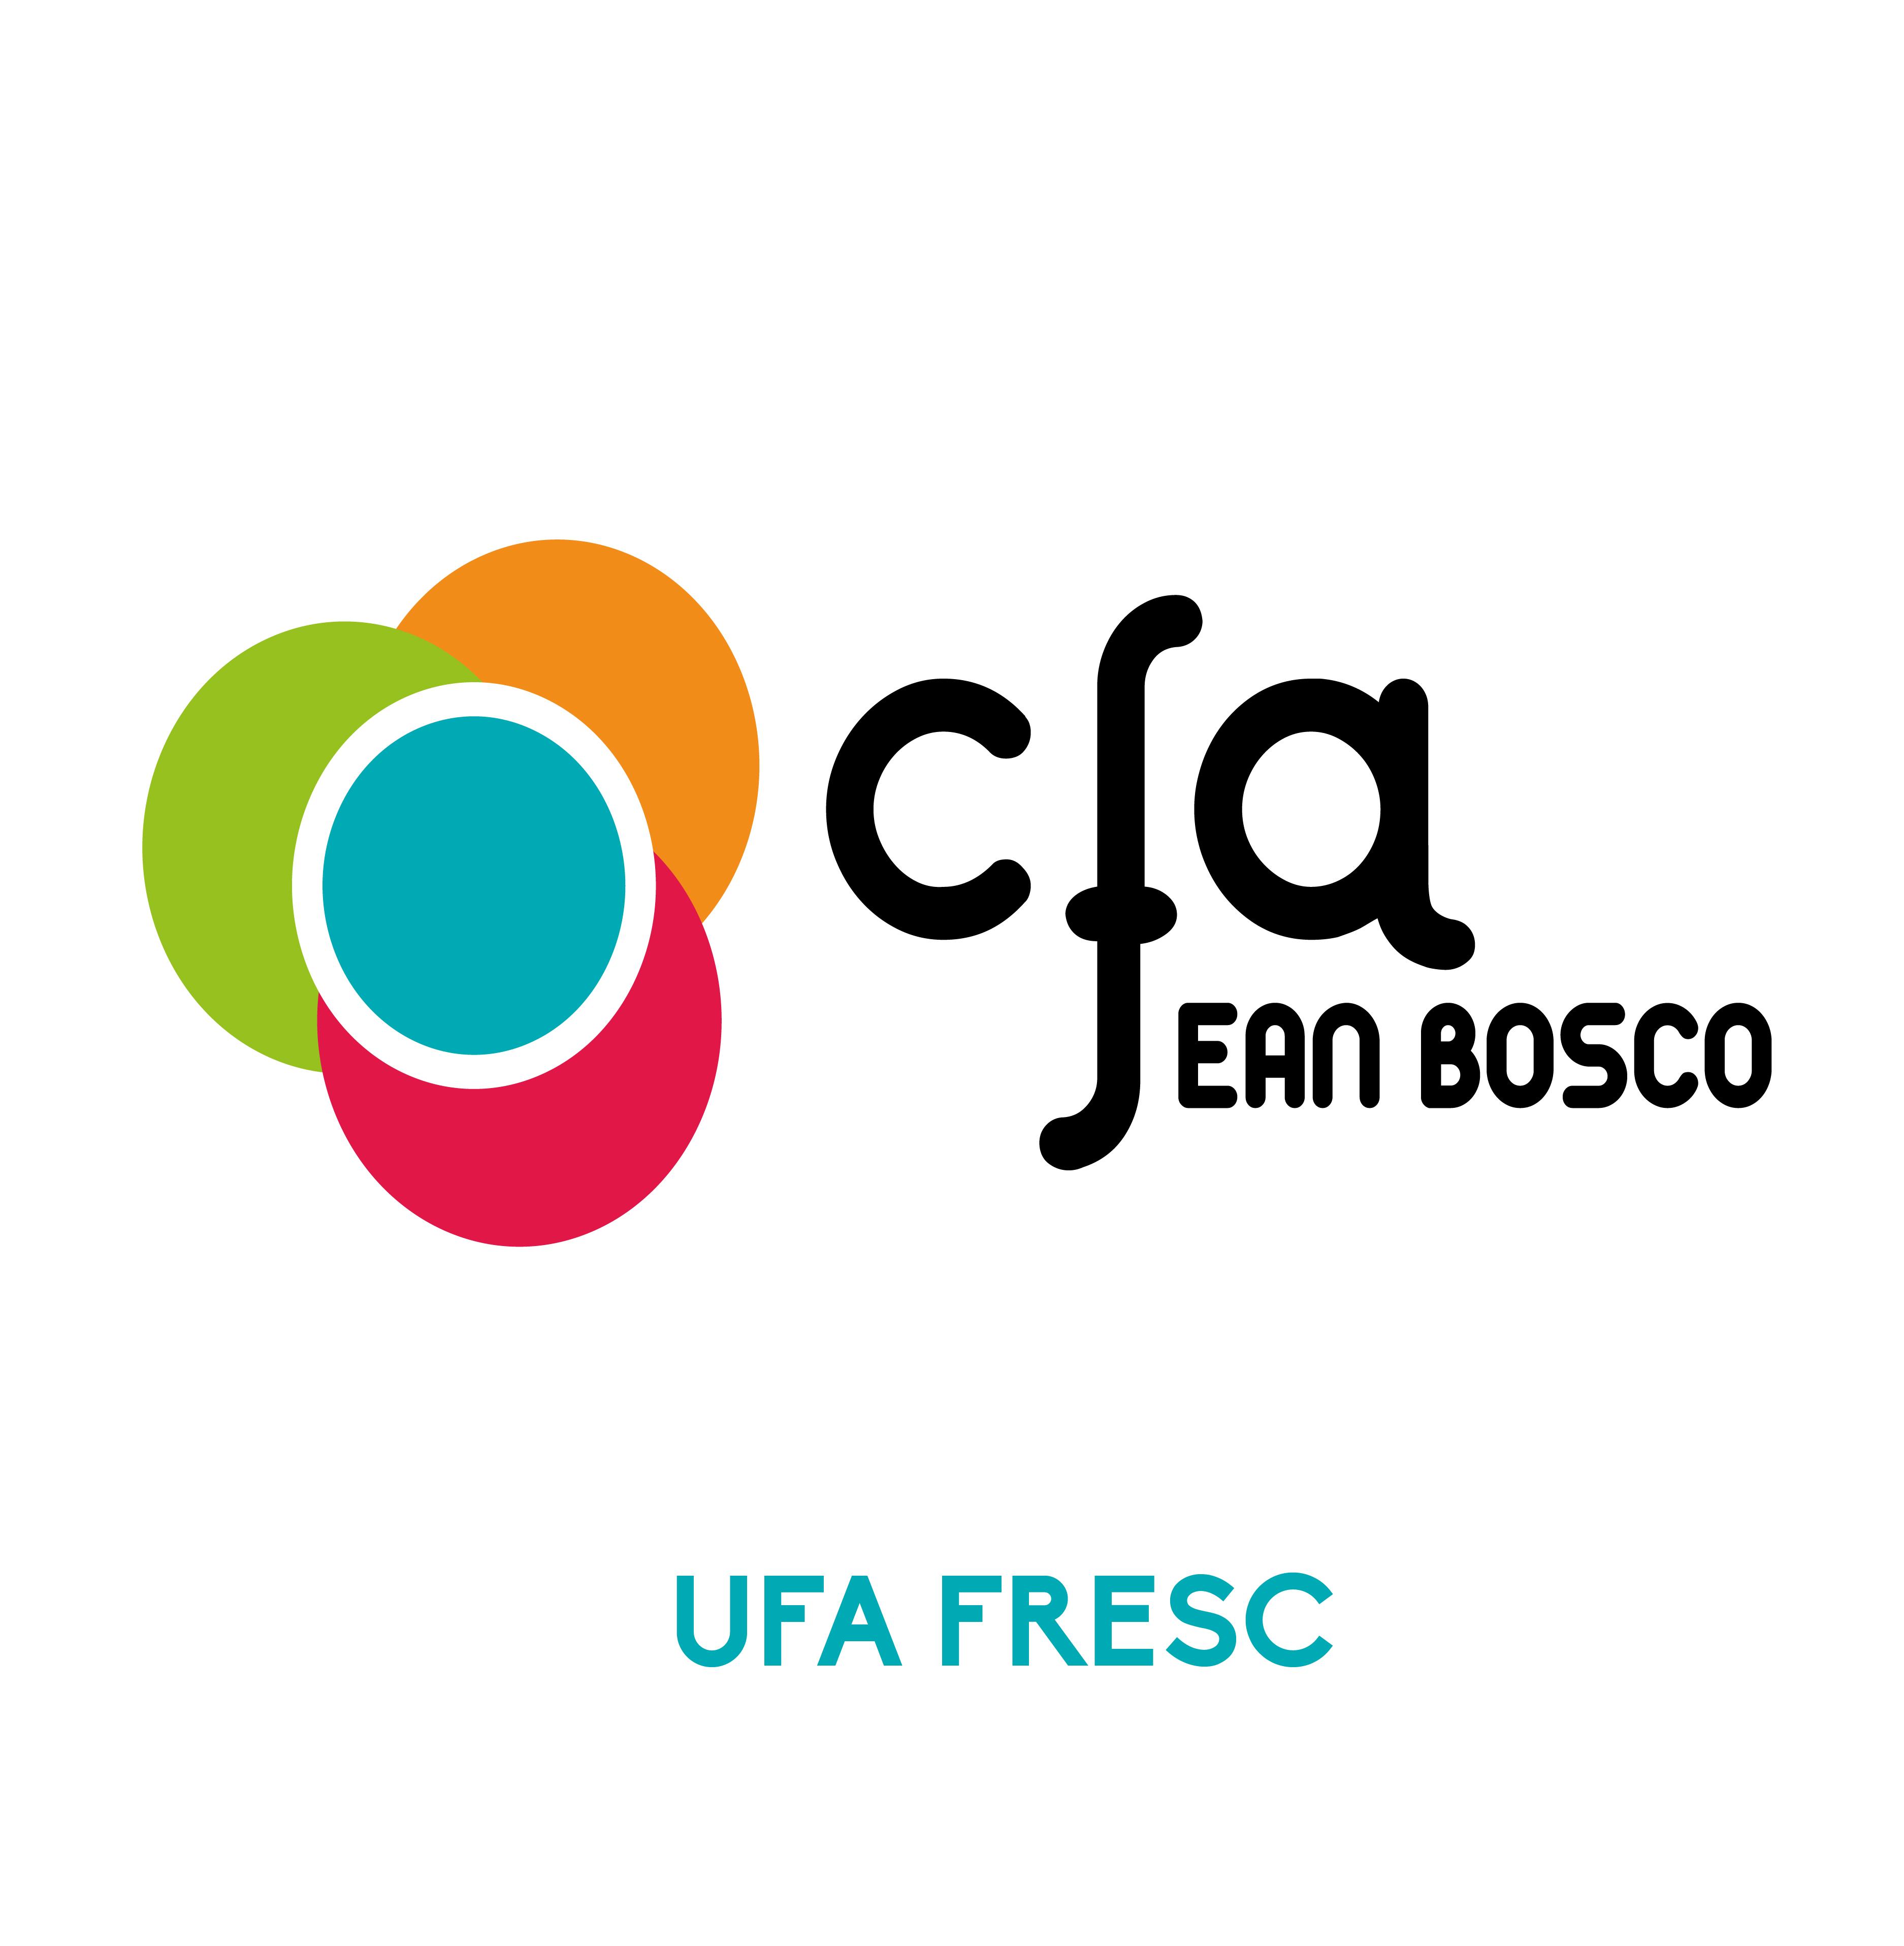 LOGO CFA -FRESC